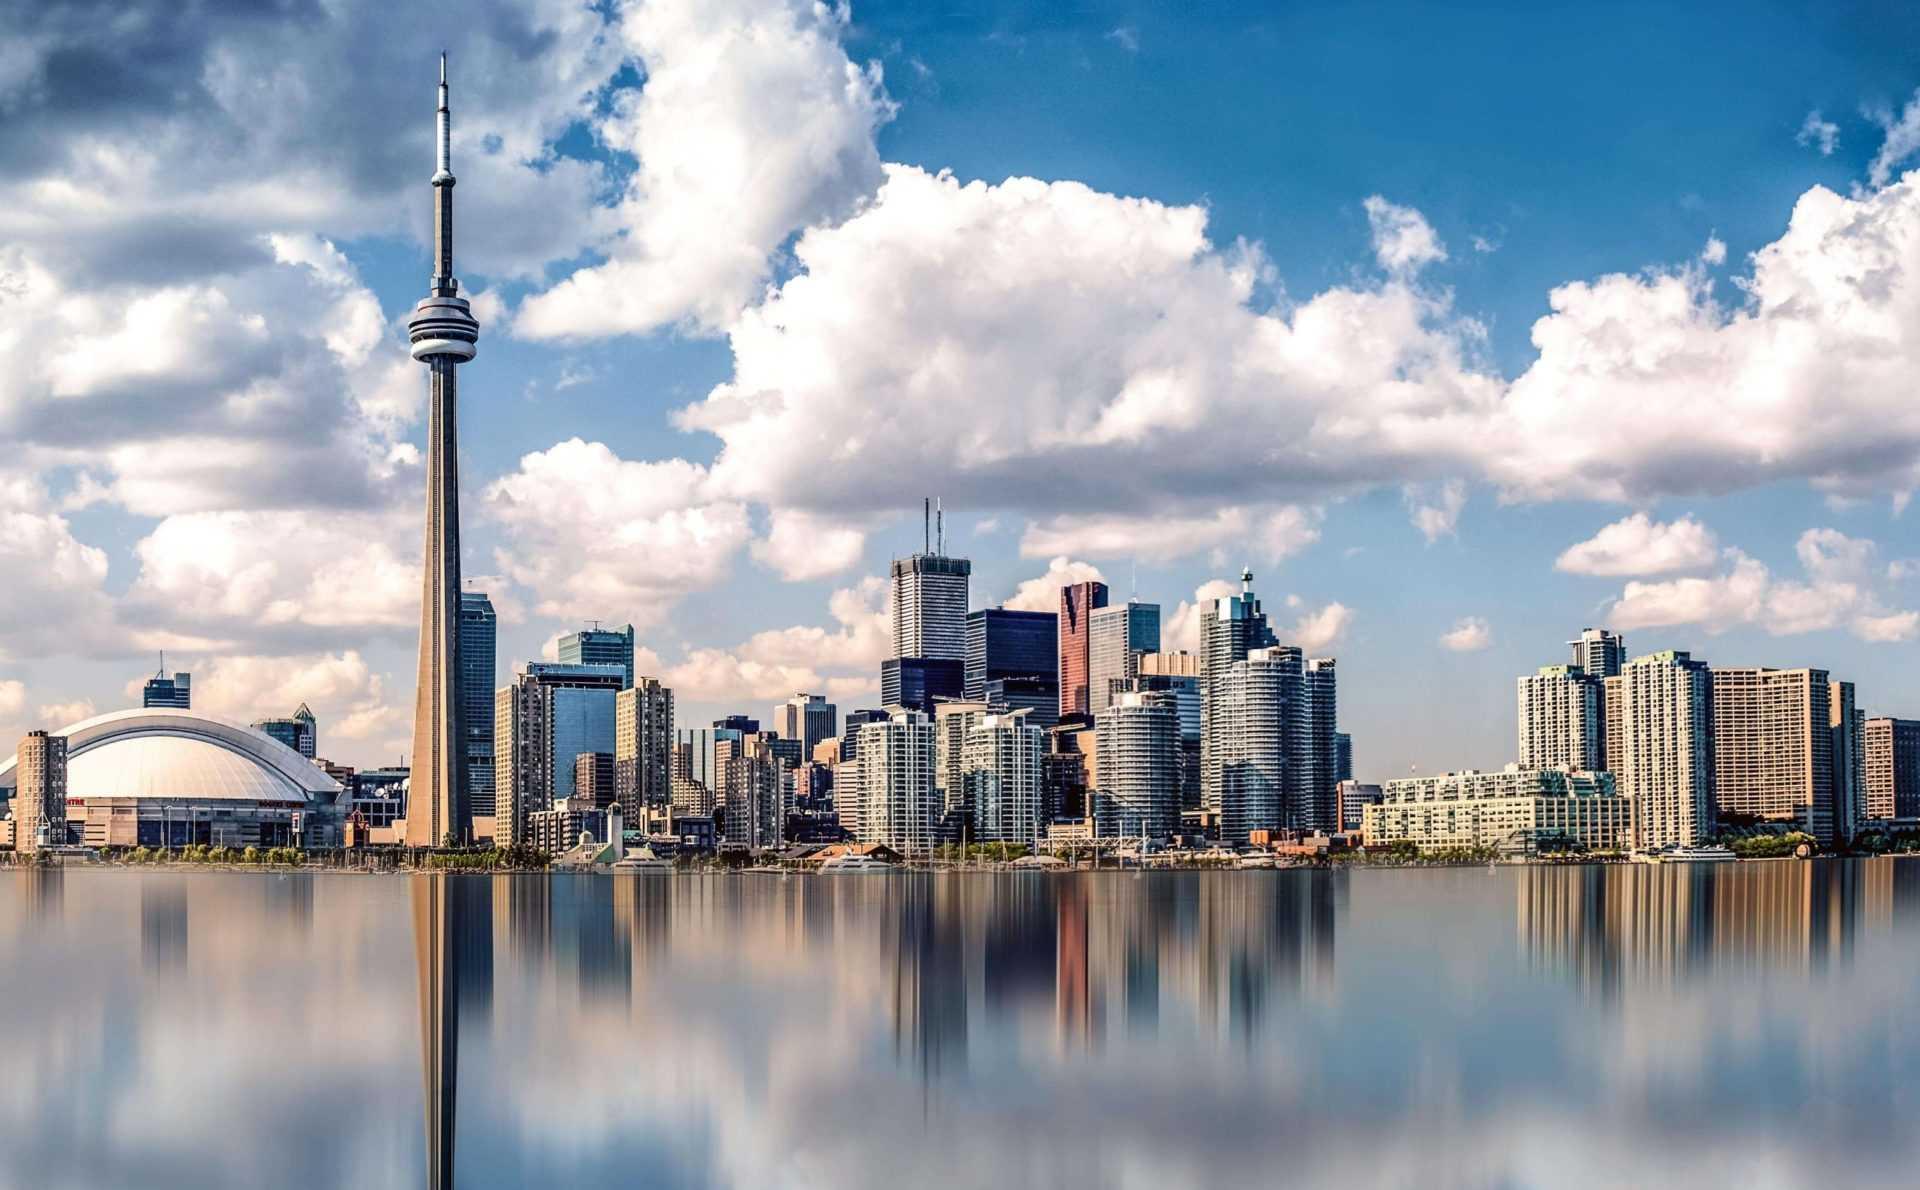 אטרקציות בטורונטו 2021 - ריכזנו לכם את האטרקציות המומלצות ביותר!